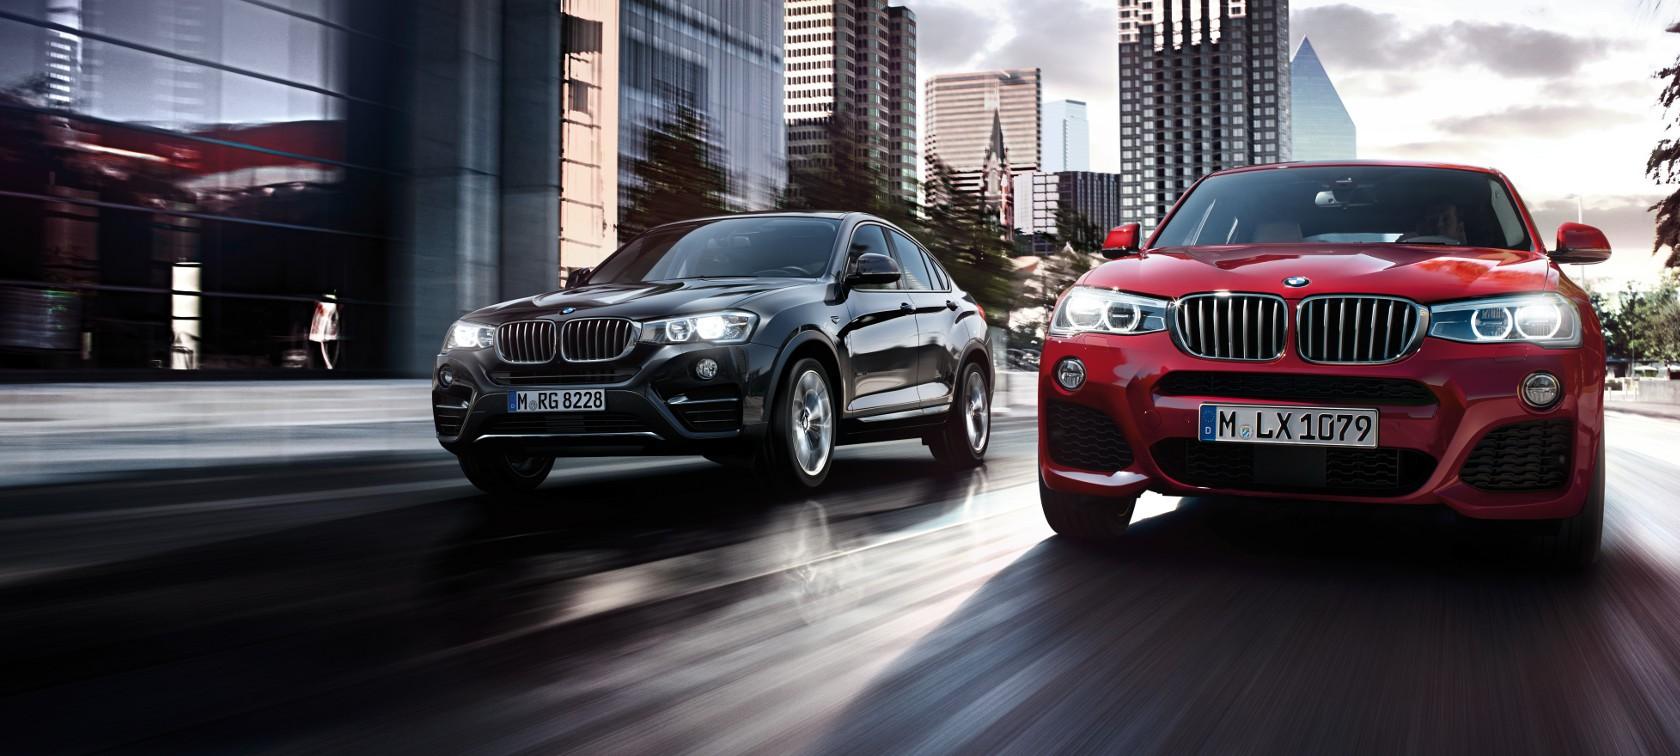 BMW-X4-rouge-sur-route.jpg